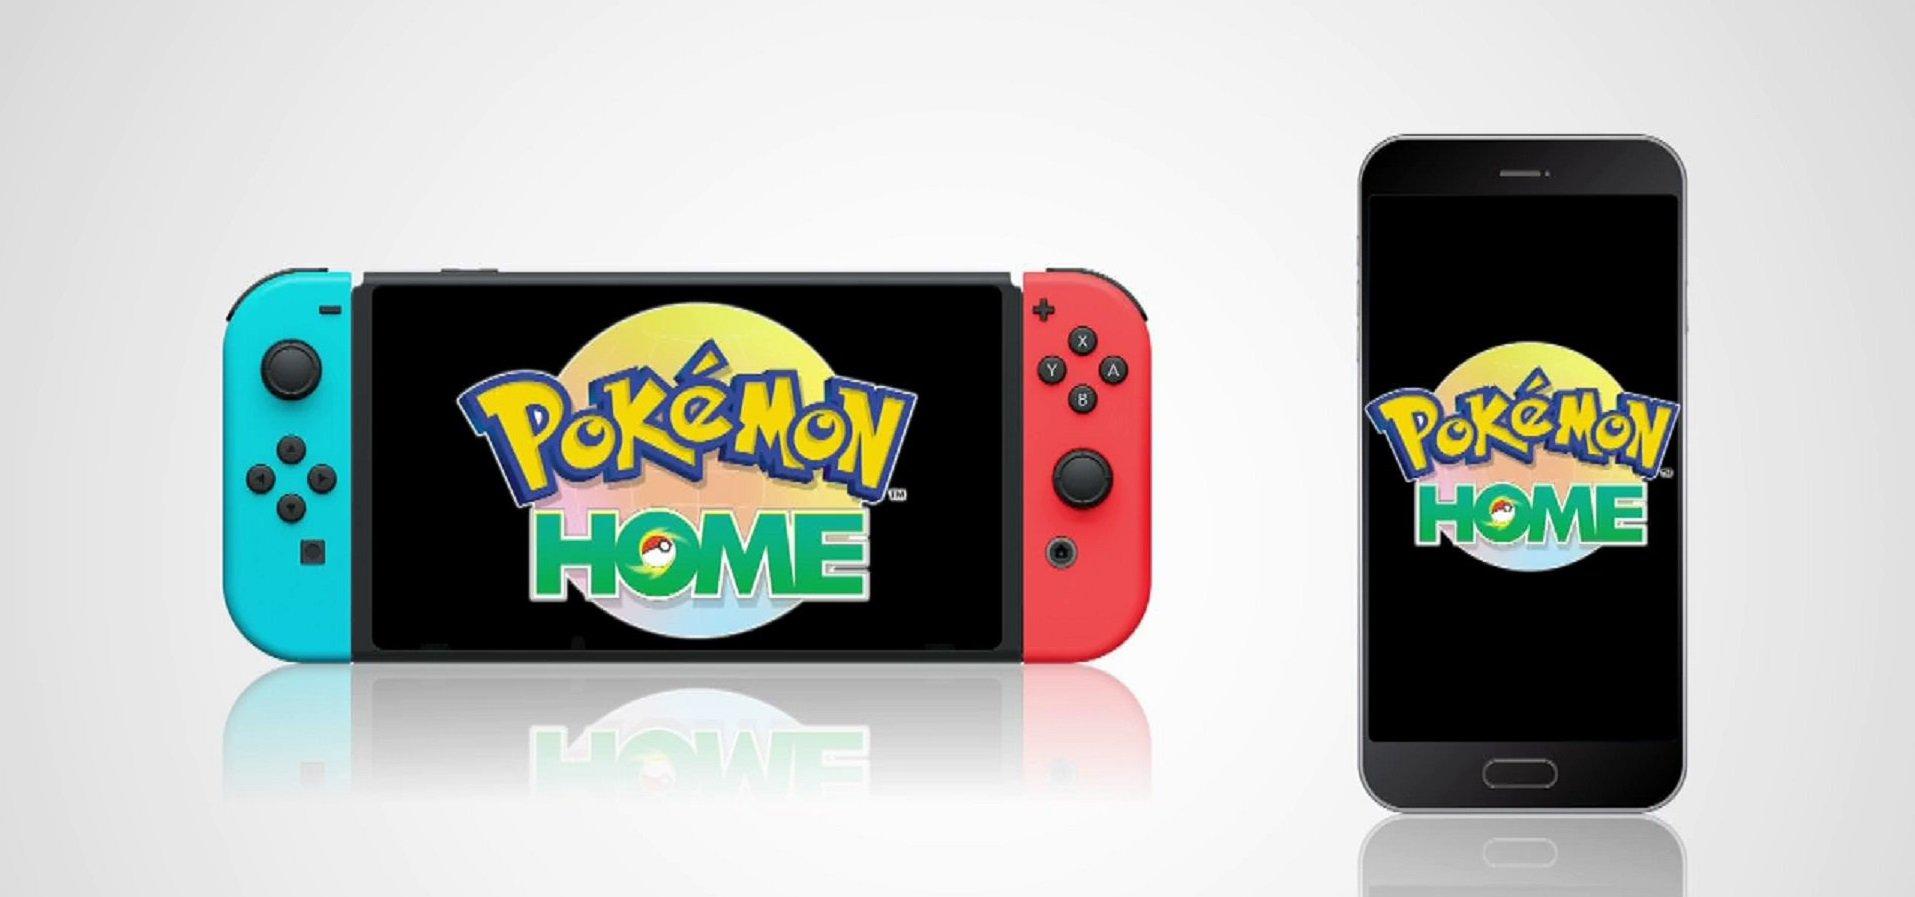 Nouveau service Pokemon HOME HOME en nuage annoncé